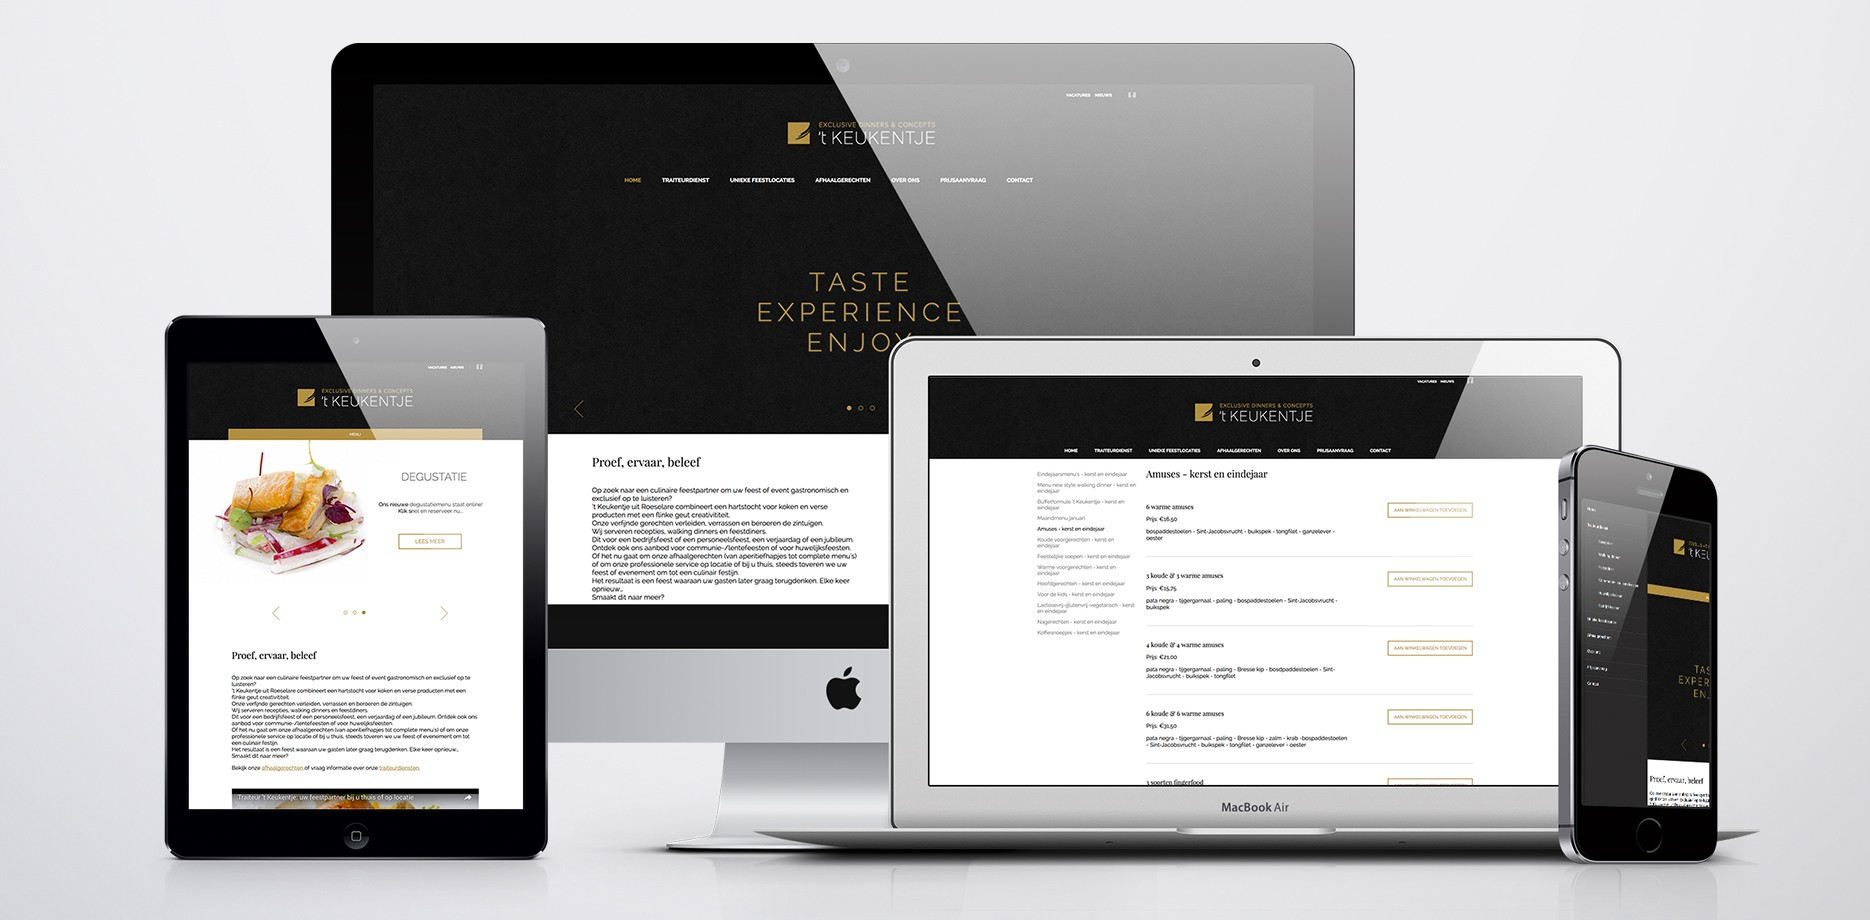 't Keukentje website